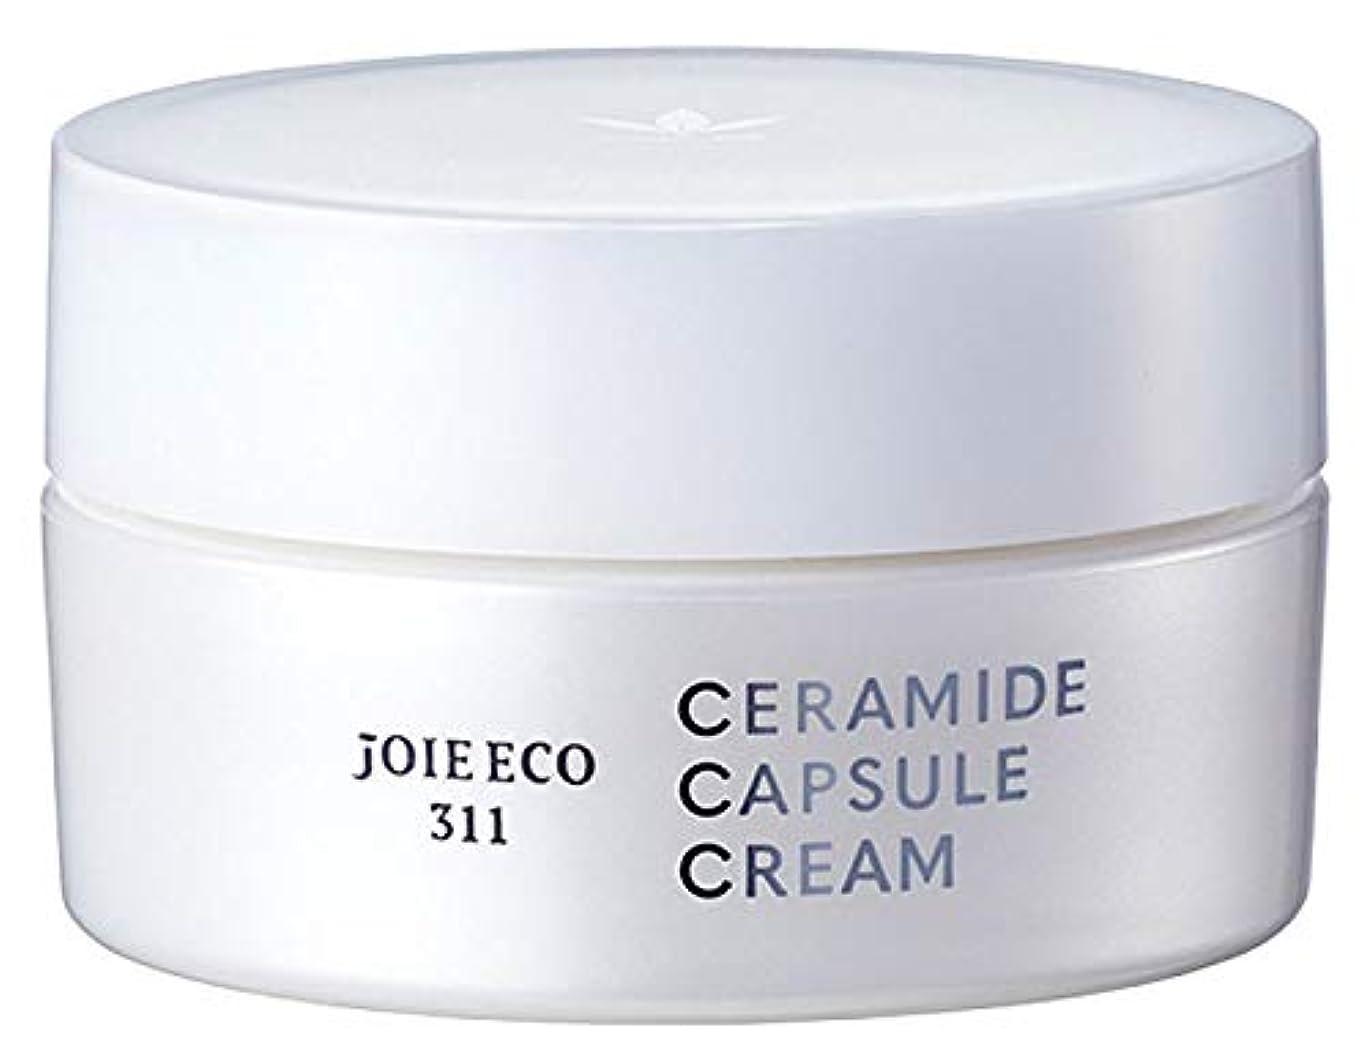 隔離する熟達柔らかい足ジョアエコ セラミドカプセルクリーム JE311 30g